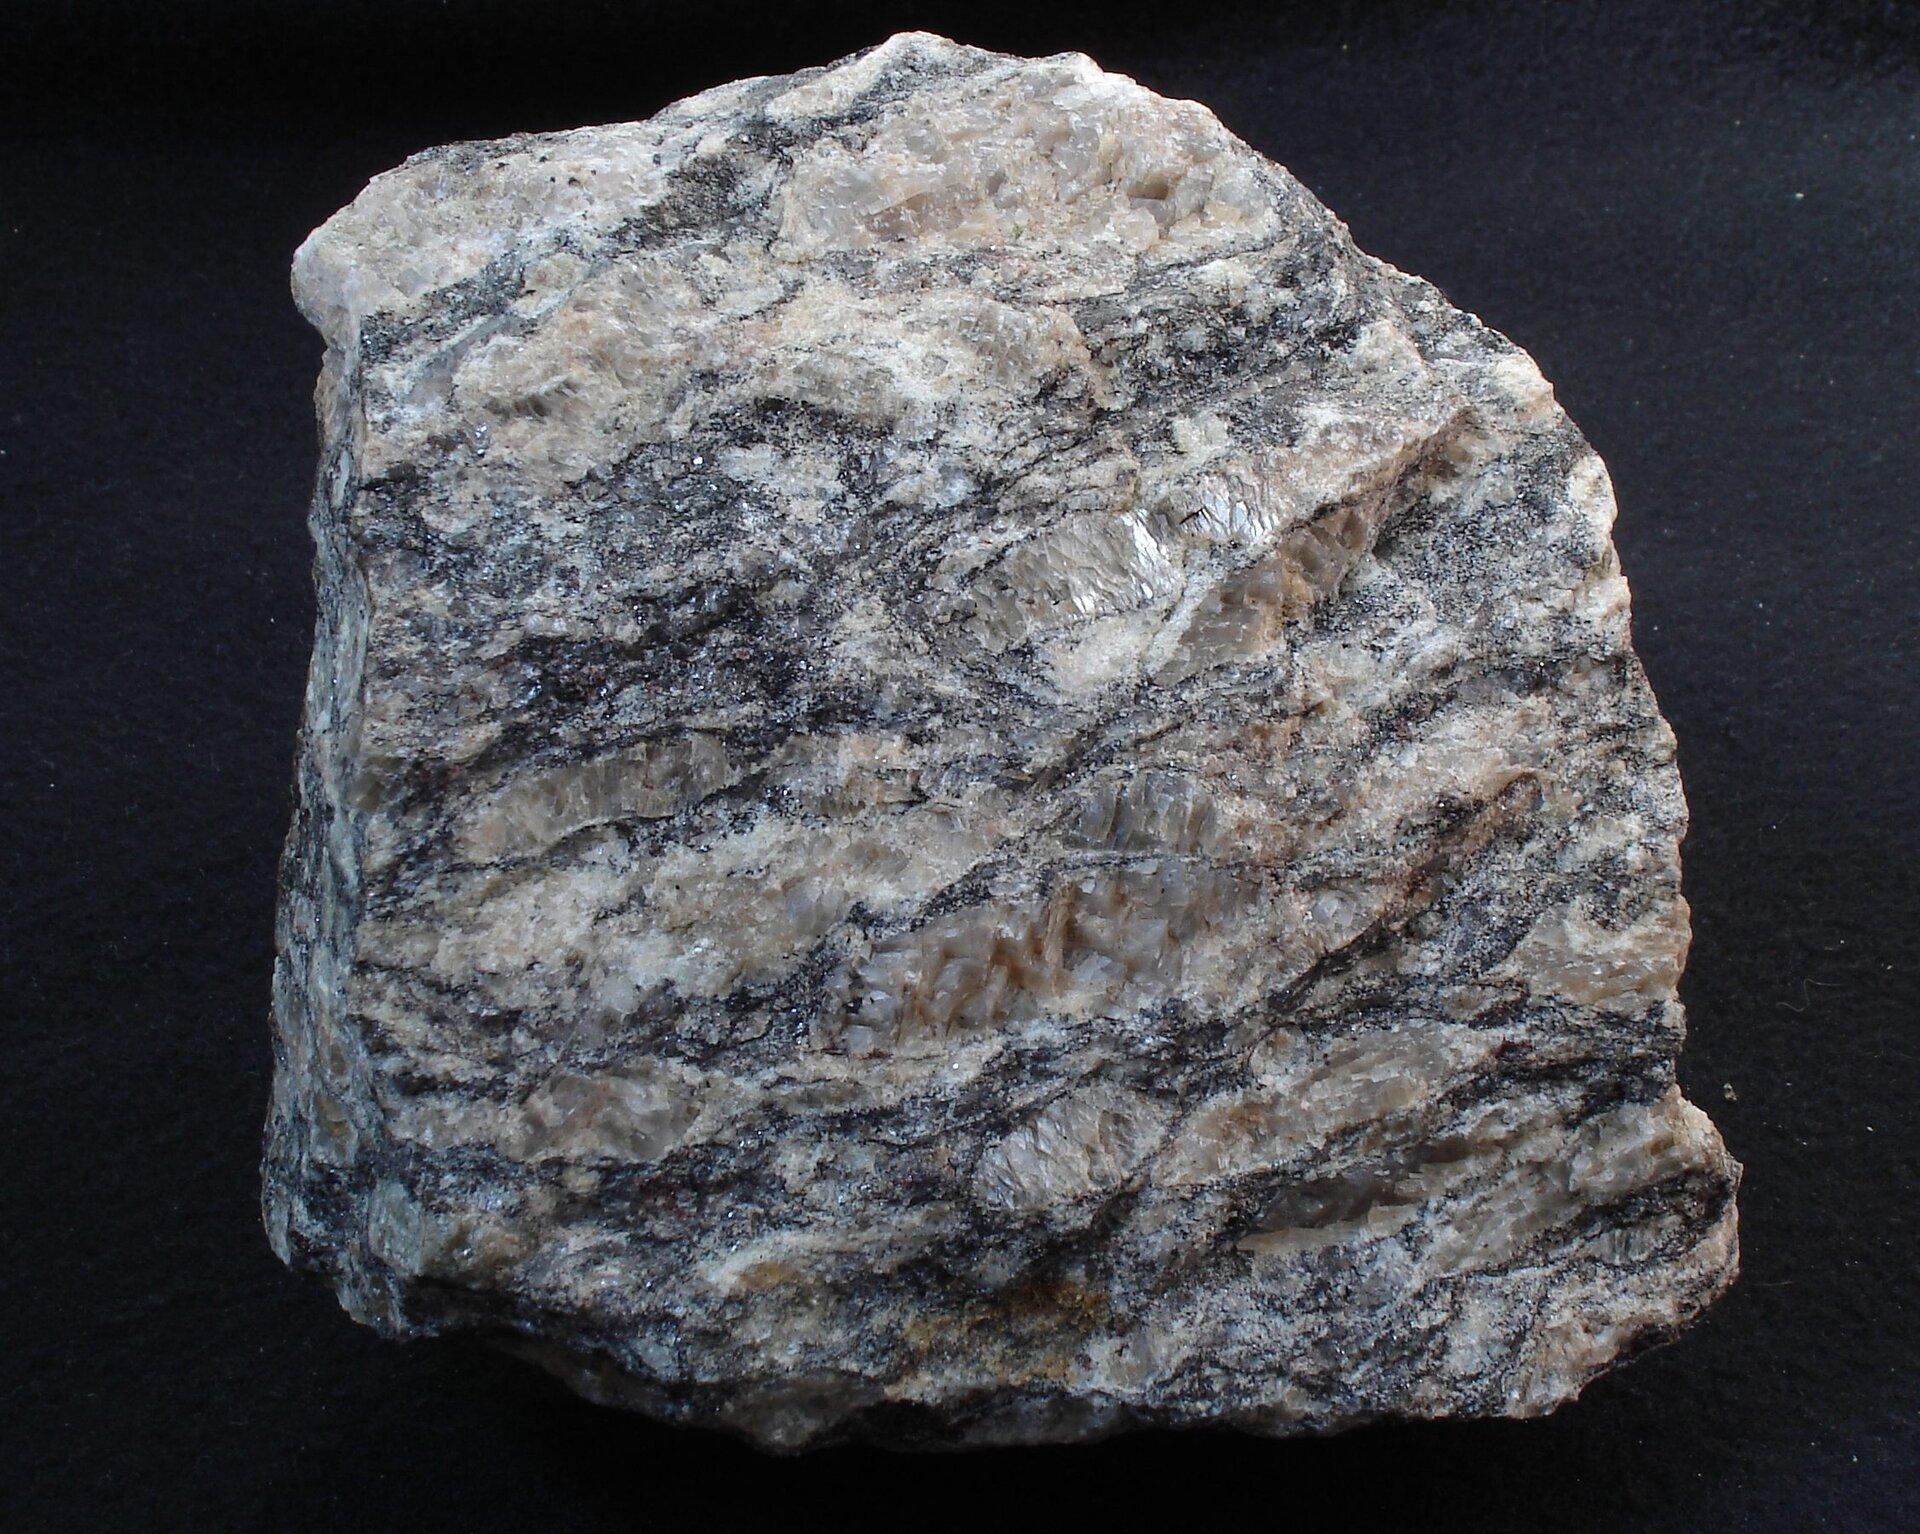 Na zdjęciu przedstawiony jest gnejs – barwa szara, warstwy kwarcowe jaśniejsze różowe, ałyszczykowe ciemniejsze srebrzyste iczarne. Równoległe ułożenie minerałów, tekstura kierunkowa. Fragment skały wielkości pięści.